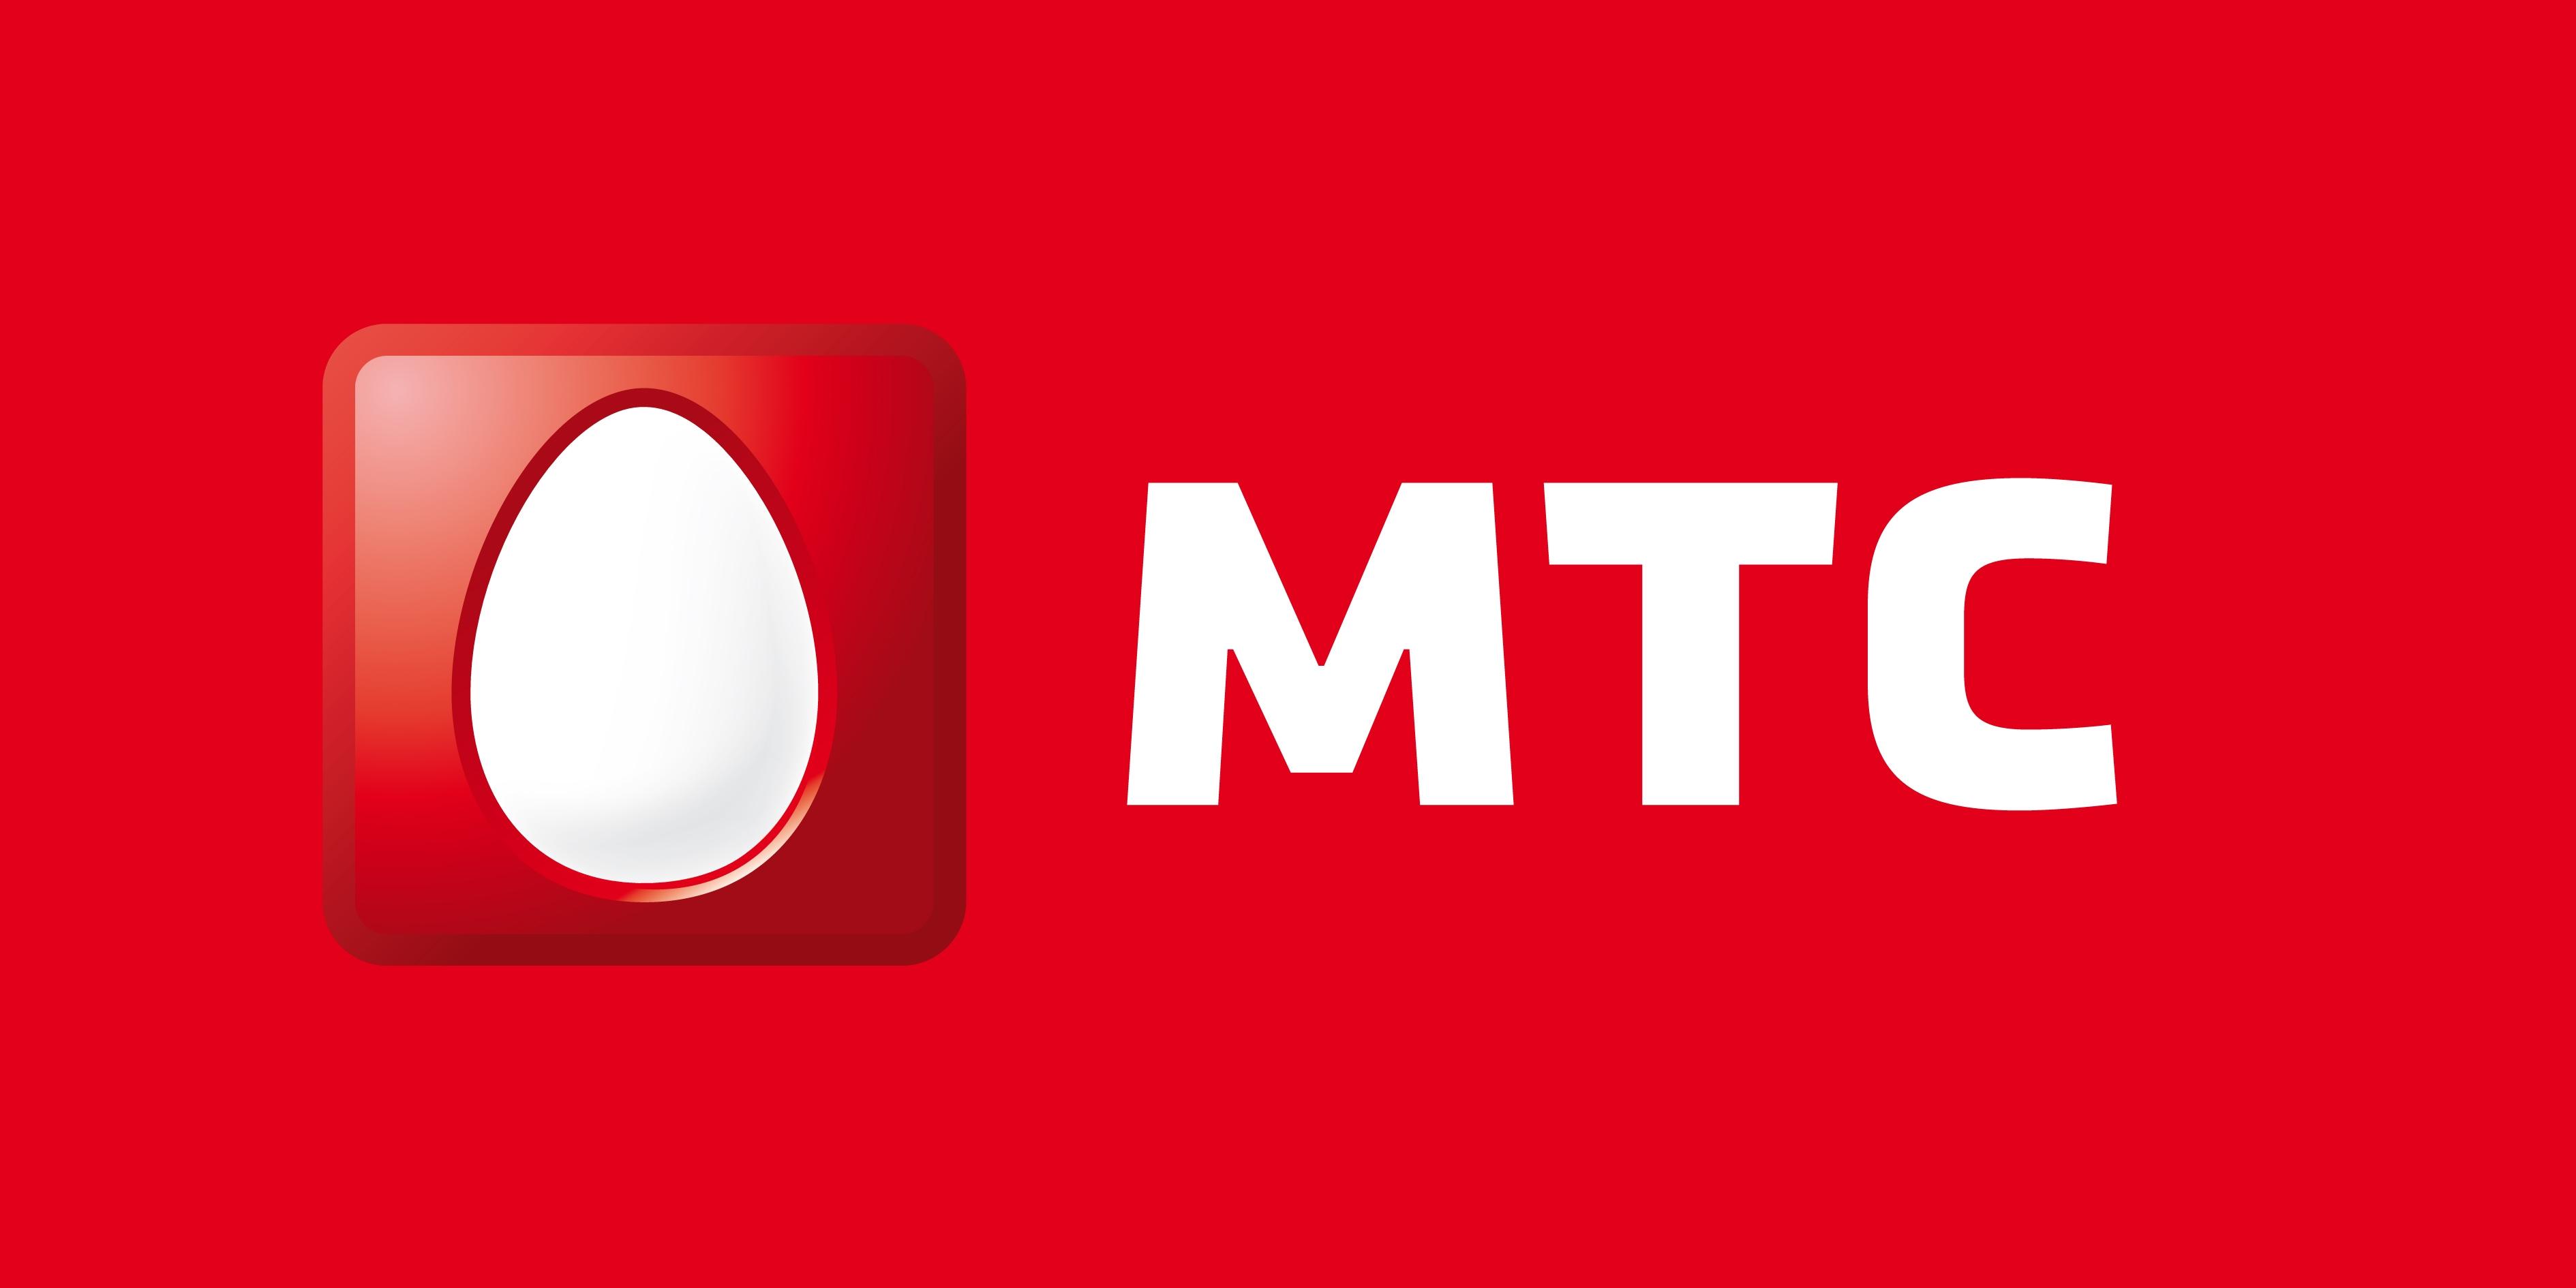 В Белгородской области МТС запускает новые тарифные планы «ФИТ Скорость» 1